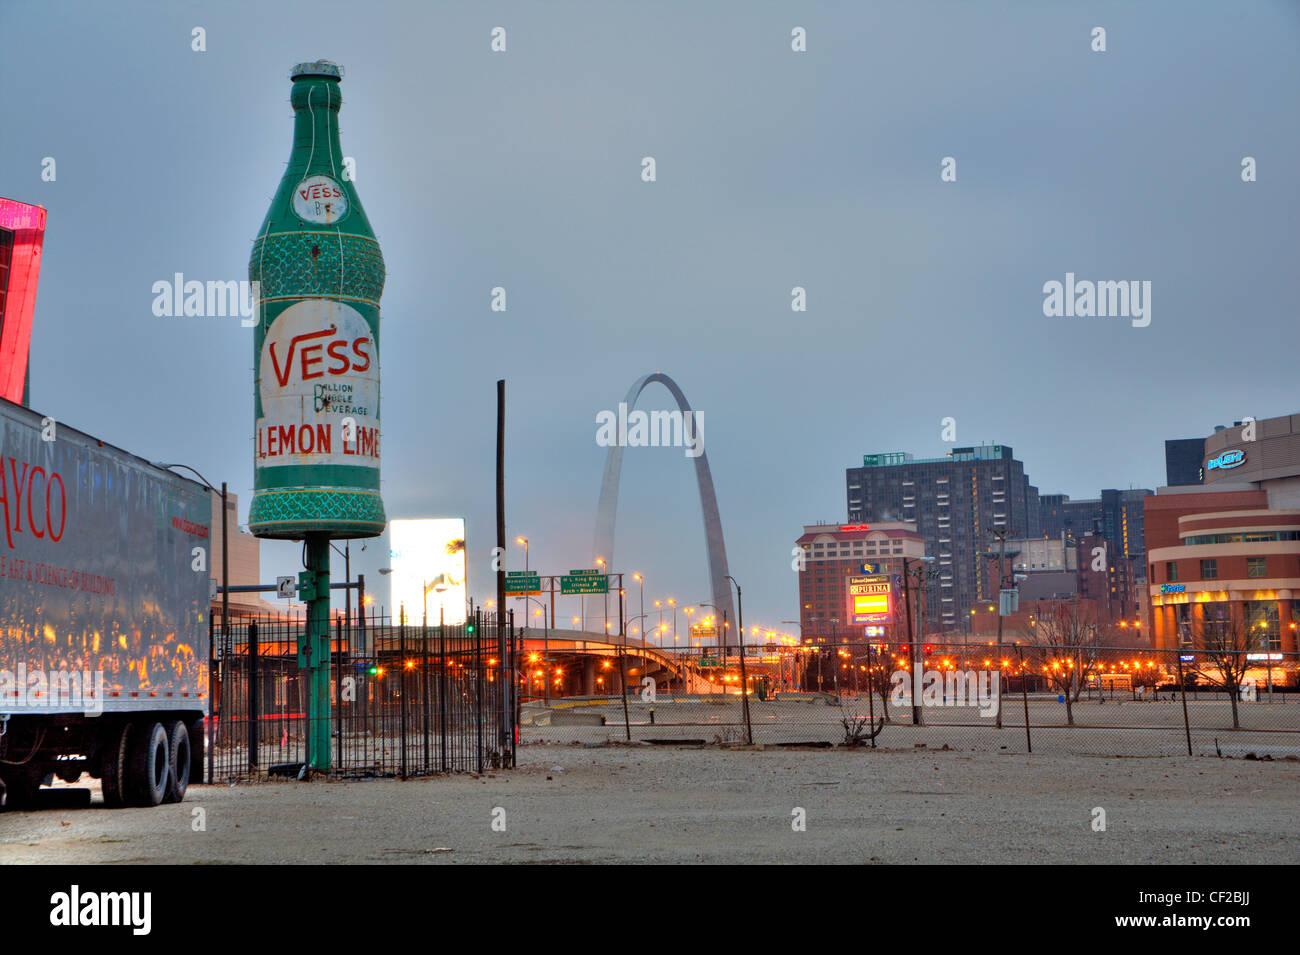 Giant Vess soda bottle in St. Louis, Missouri - Stock Image